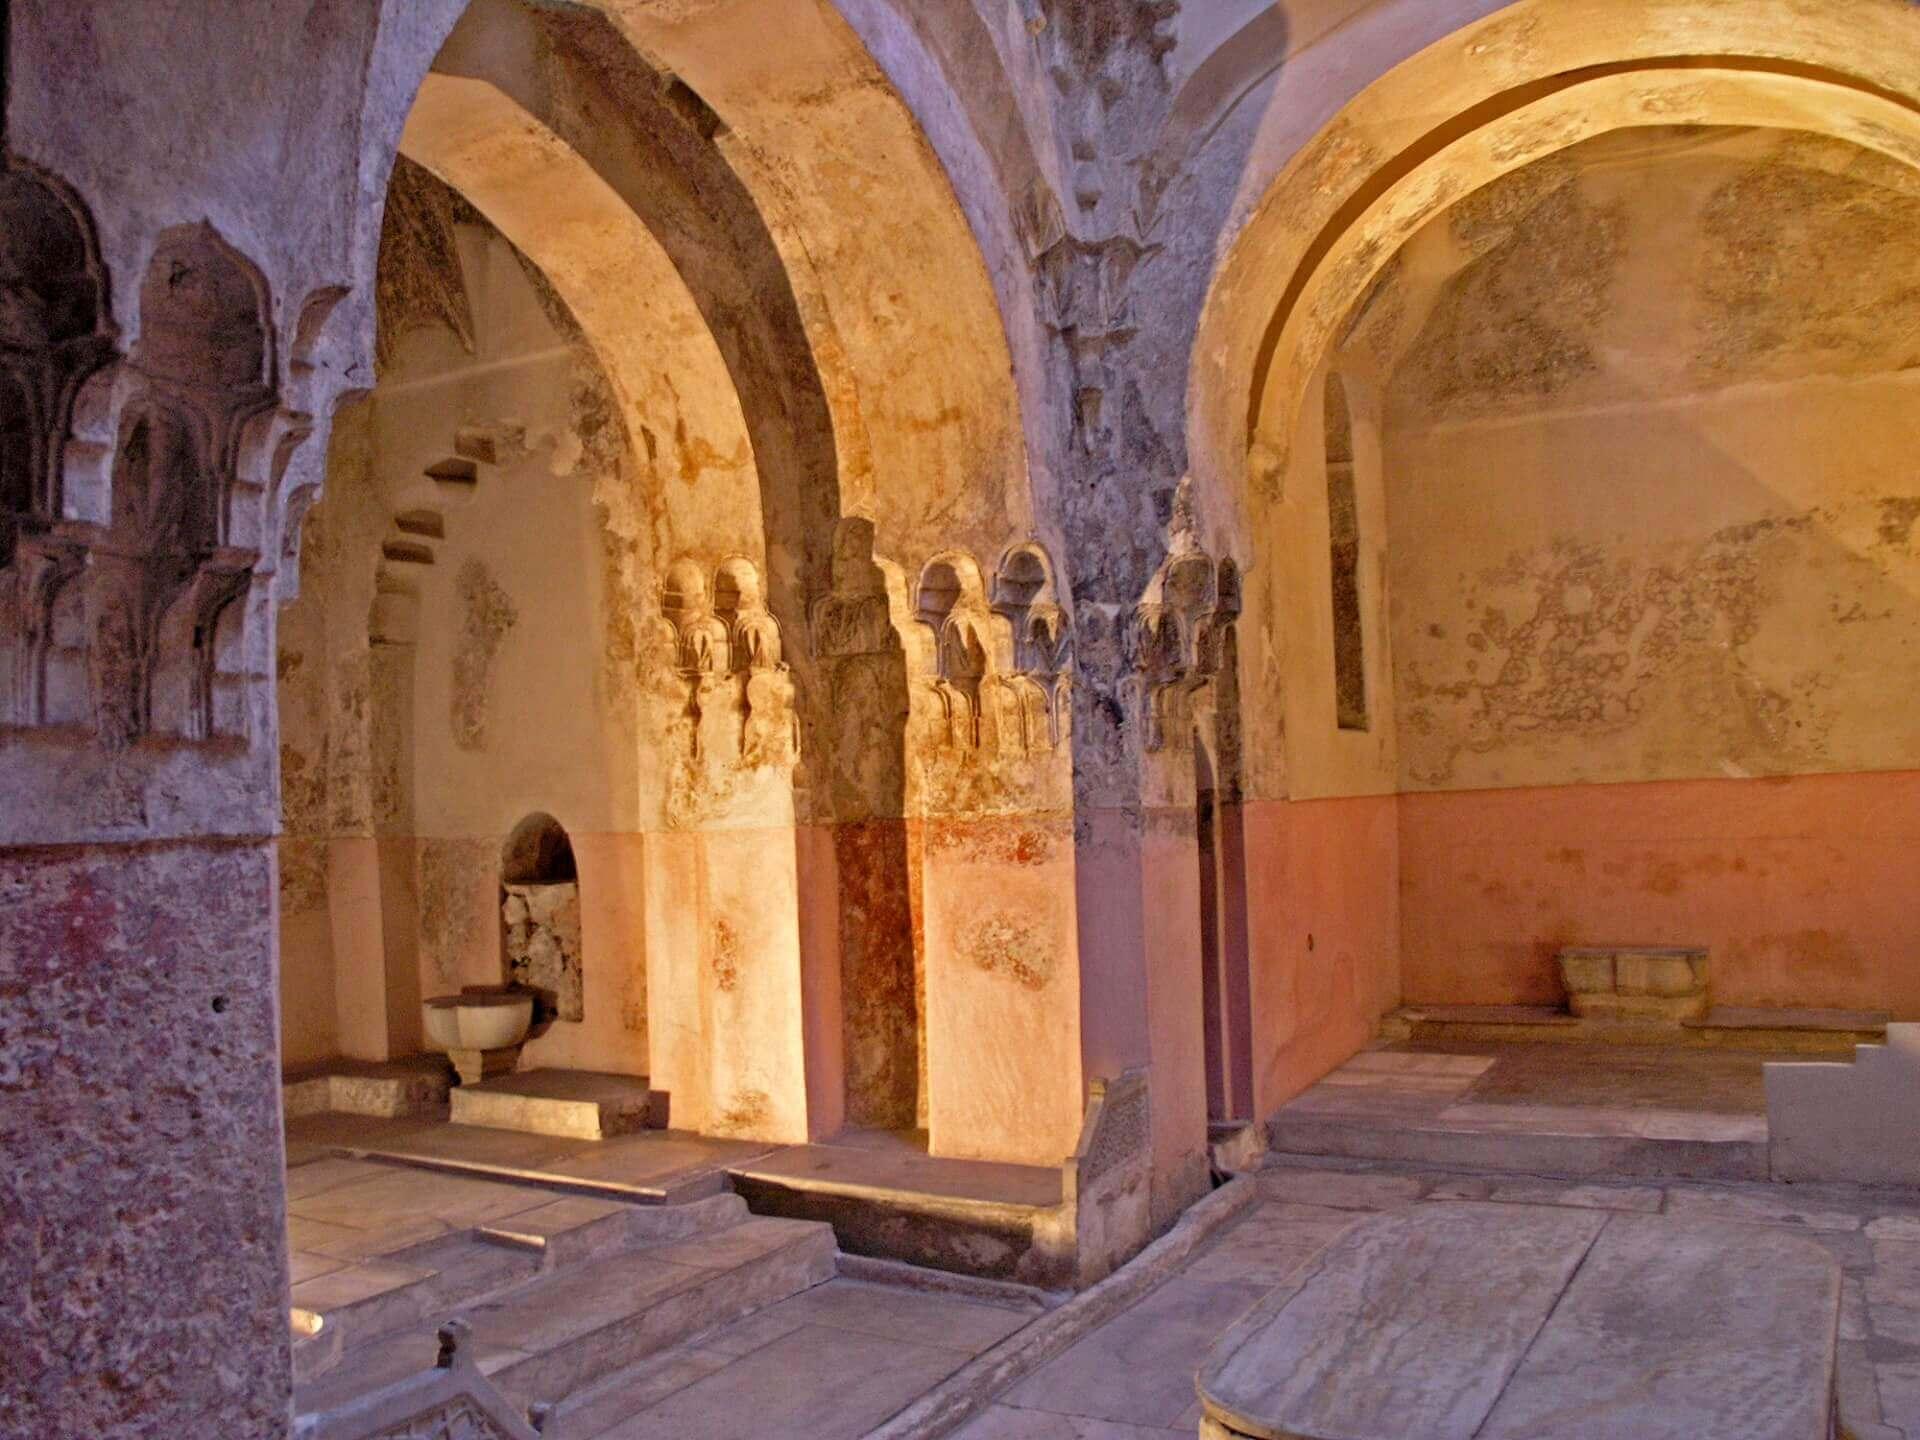 Χαμάμ Θεσσαλονίκης - Αρχαιολογικοί Χώροι Θεσσαλονίκης